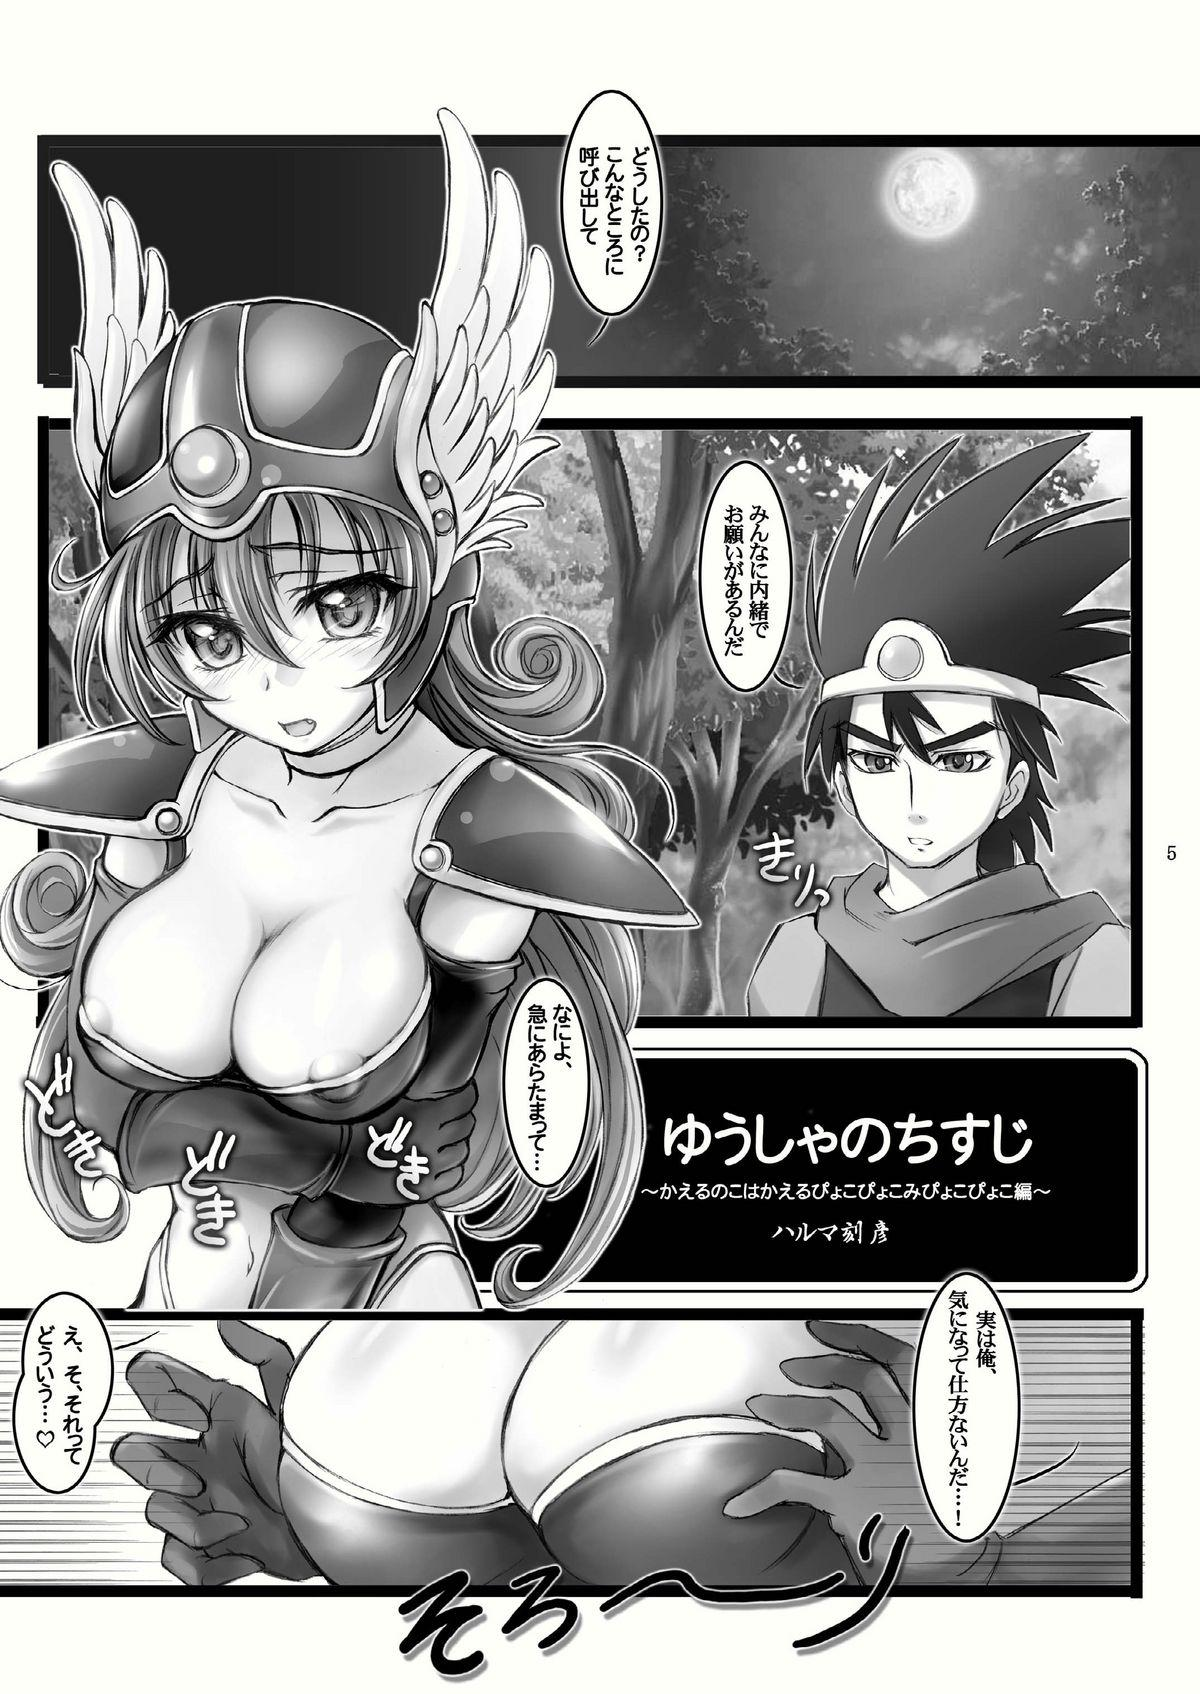 (C79) [Harumankai (Haruma Tokihiko)] Roto Shoujo - Kikan Gentei! hHangaku-chuu ♪ (Dragon Quest III) 4